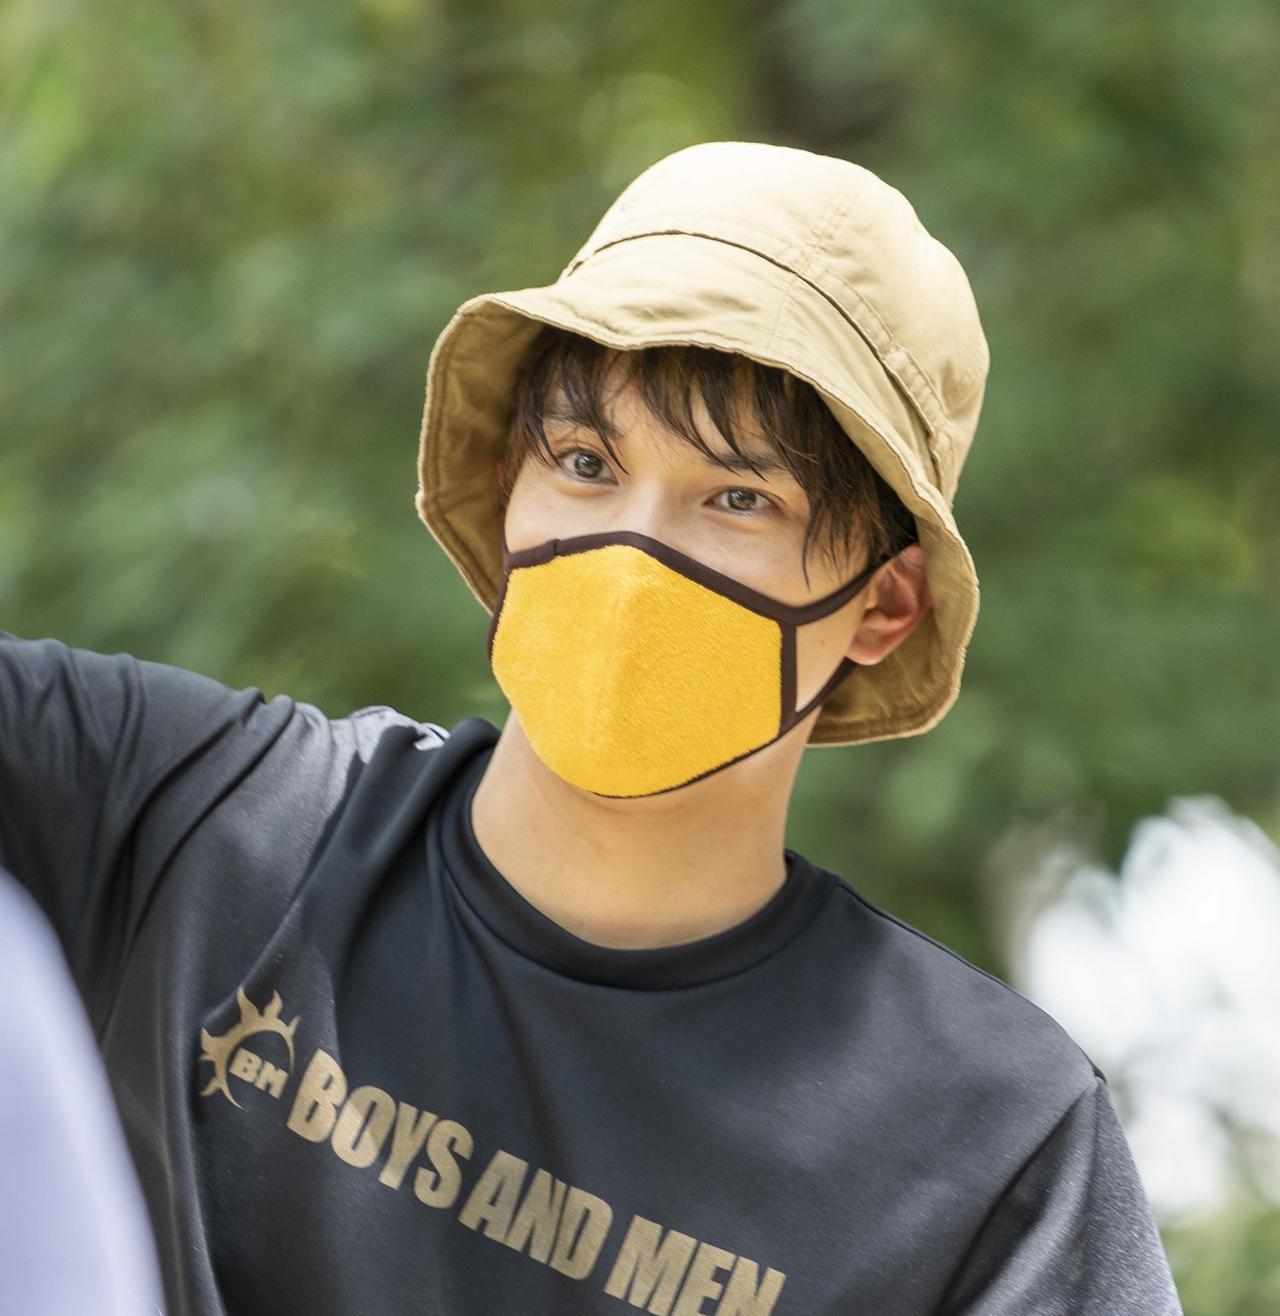 画像9: 【番組ロケ密着】「おぎやはぎのハピキャン ノリさんとキャンプしてみましたSP」!ココリコ遠藤・狩野英孝・ボイメンも参加して「木梨の貝。」もついて来ちゃったキャンプ!